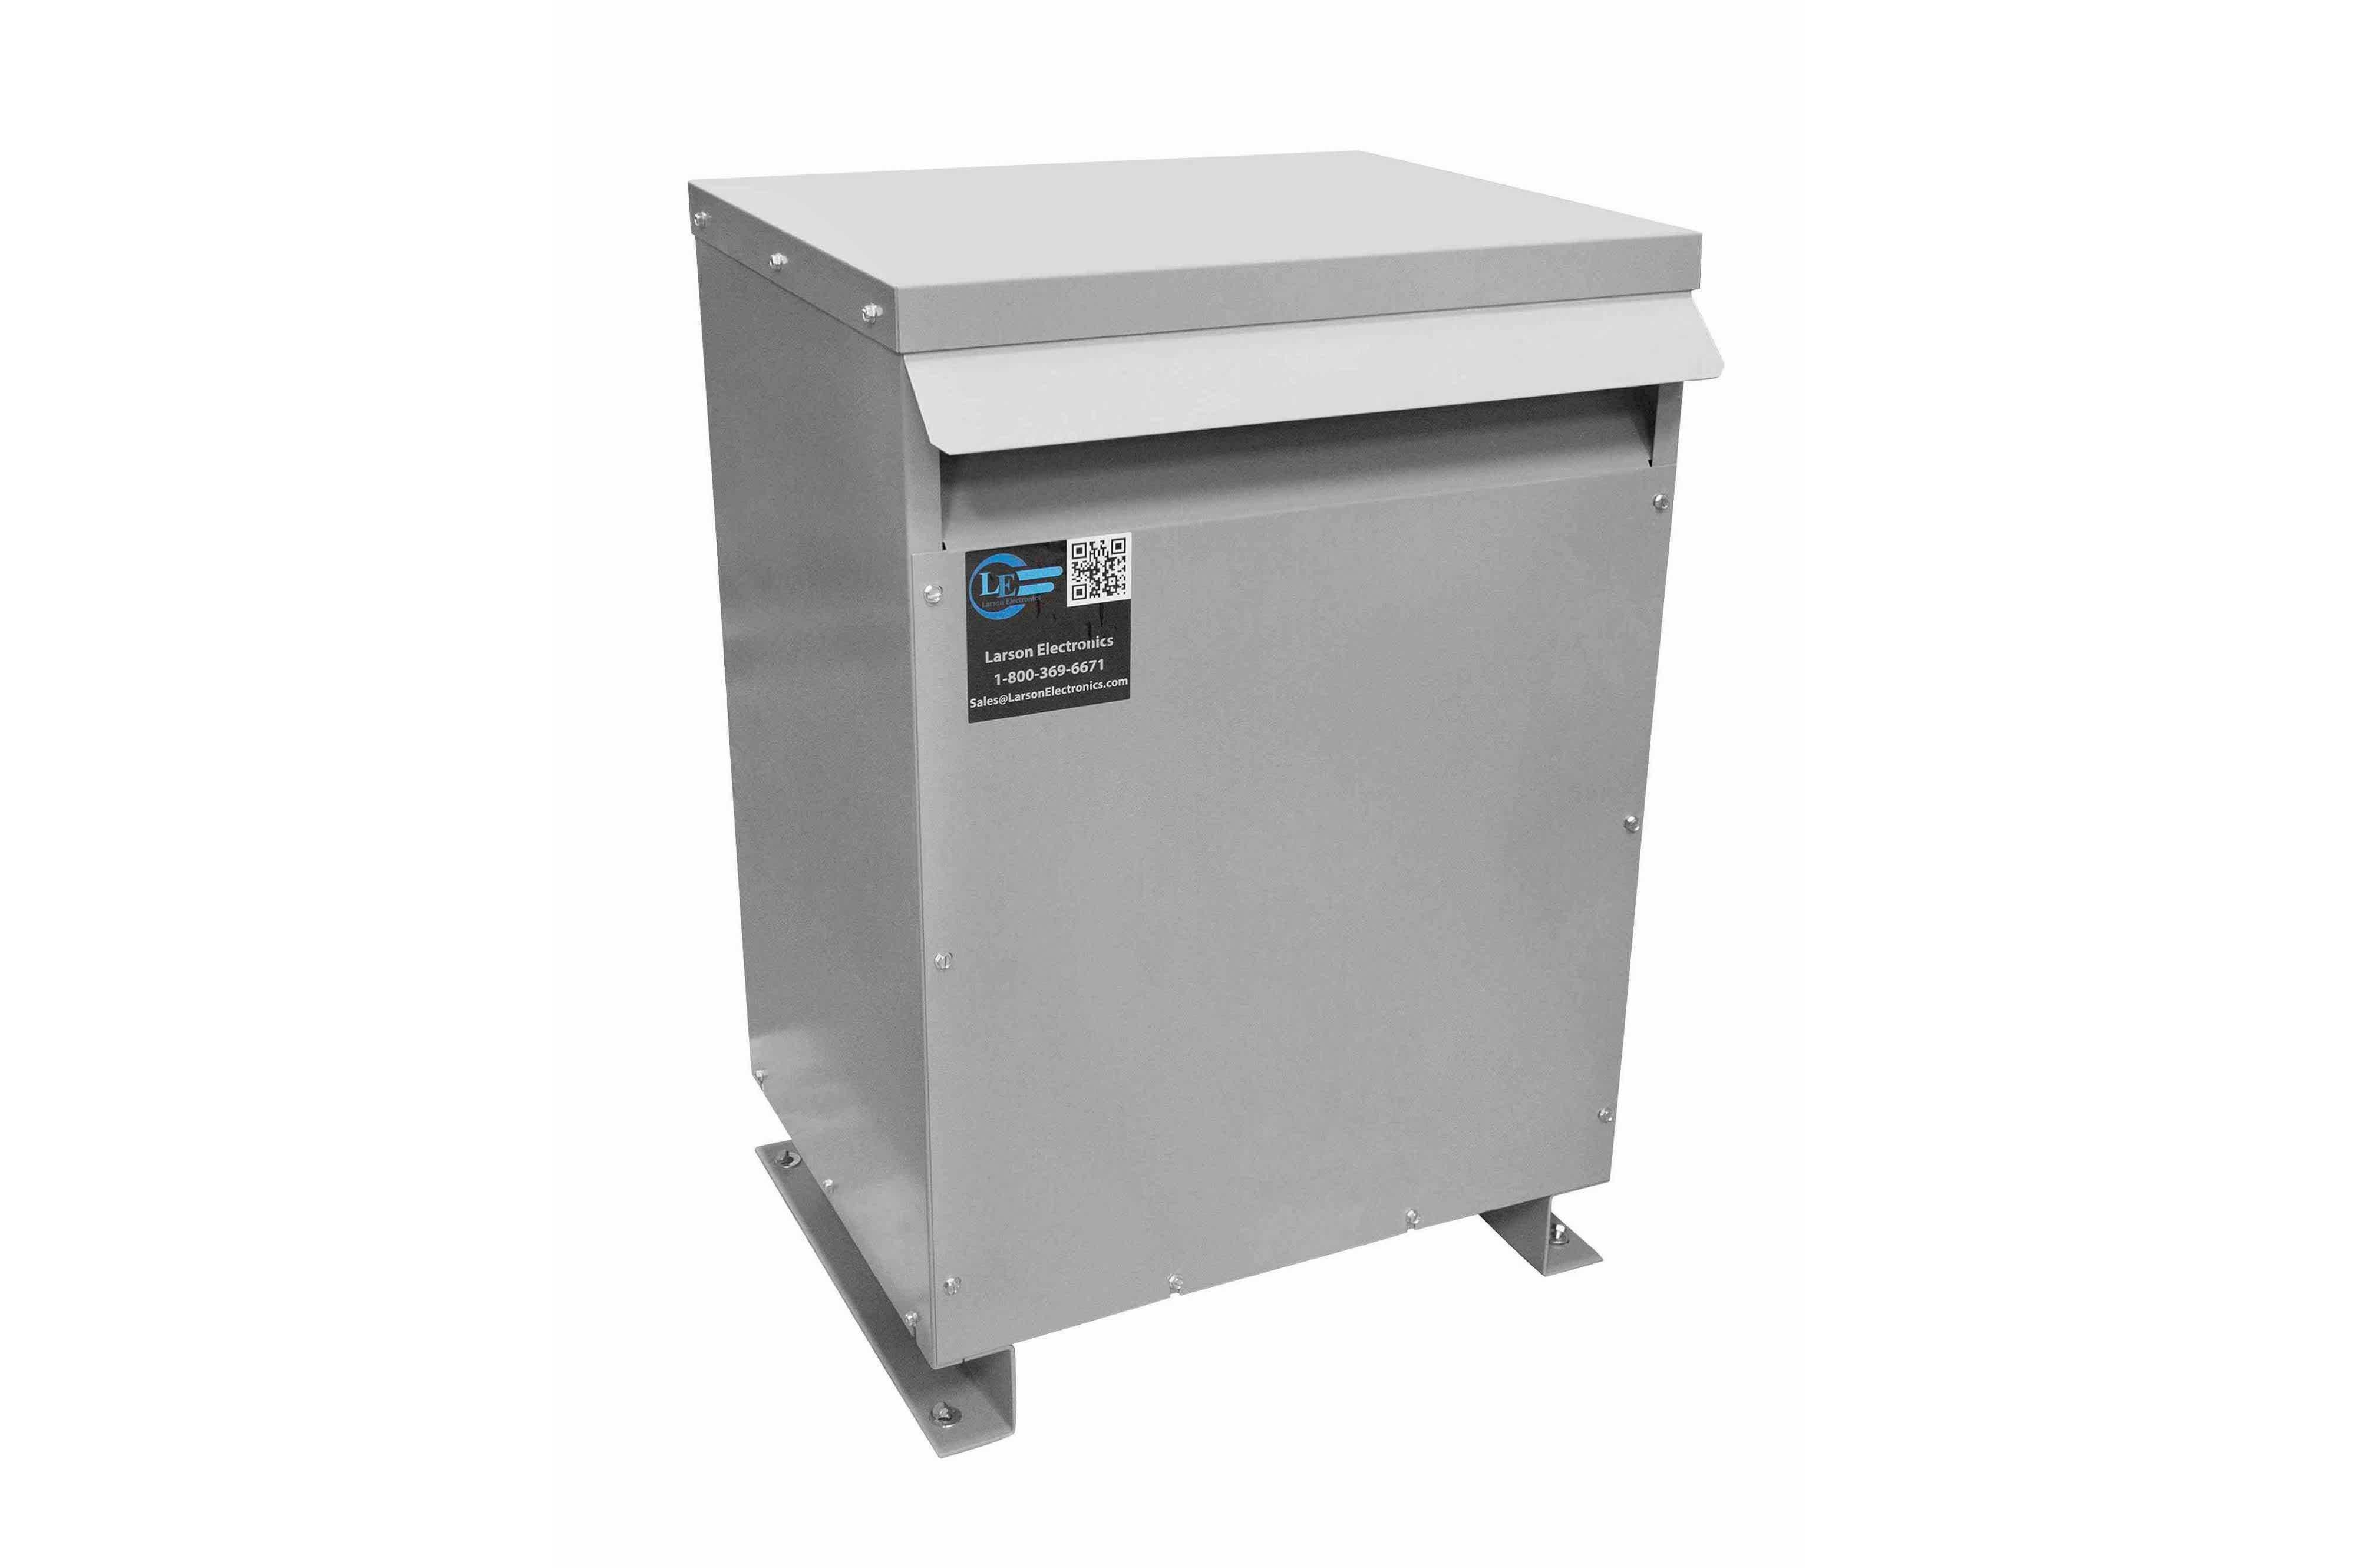 40 kVA 3PH Isolation Transformer, 400V Delta Primary, 240 Delta Secondary, N3R, Ventilated, 60 Hz